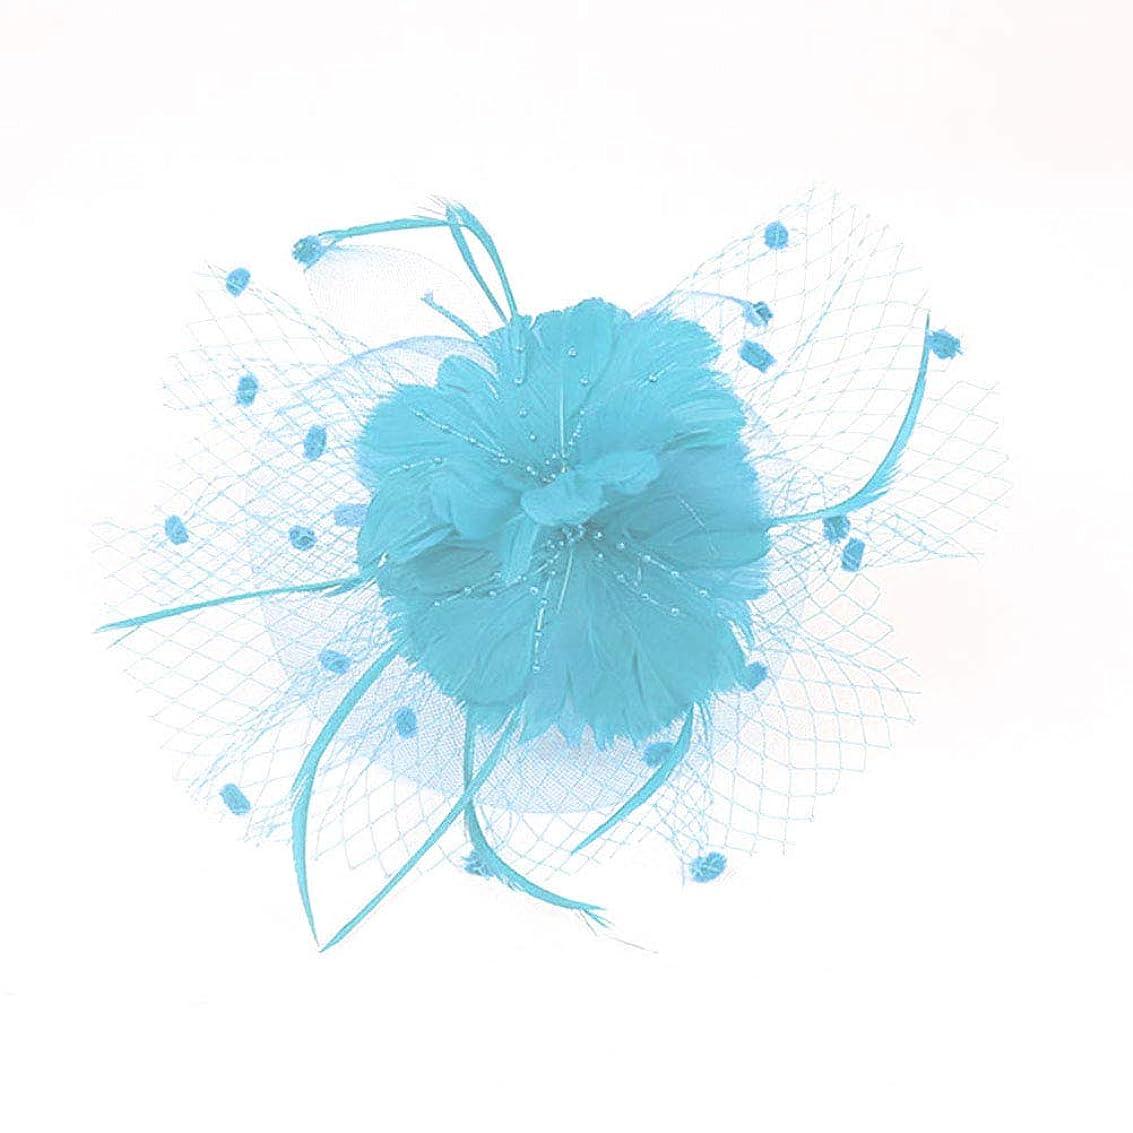 ホールドスティーブンソン規模Beaupretty魅惑的な帽子羽メッシュネットベールパーティー帽子ピルボックス帽子羽の魅惑的なキャップレディース結婚式宴会カクテルパーティー(スカイブルー)